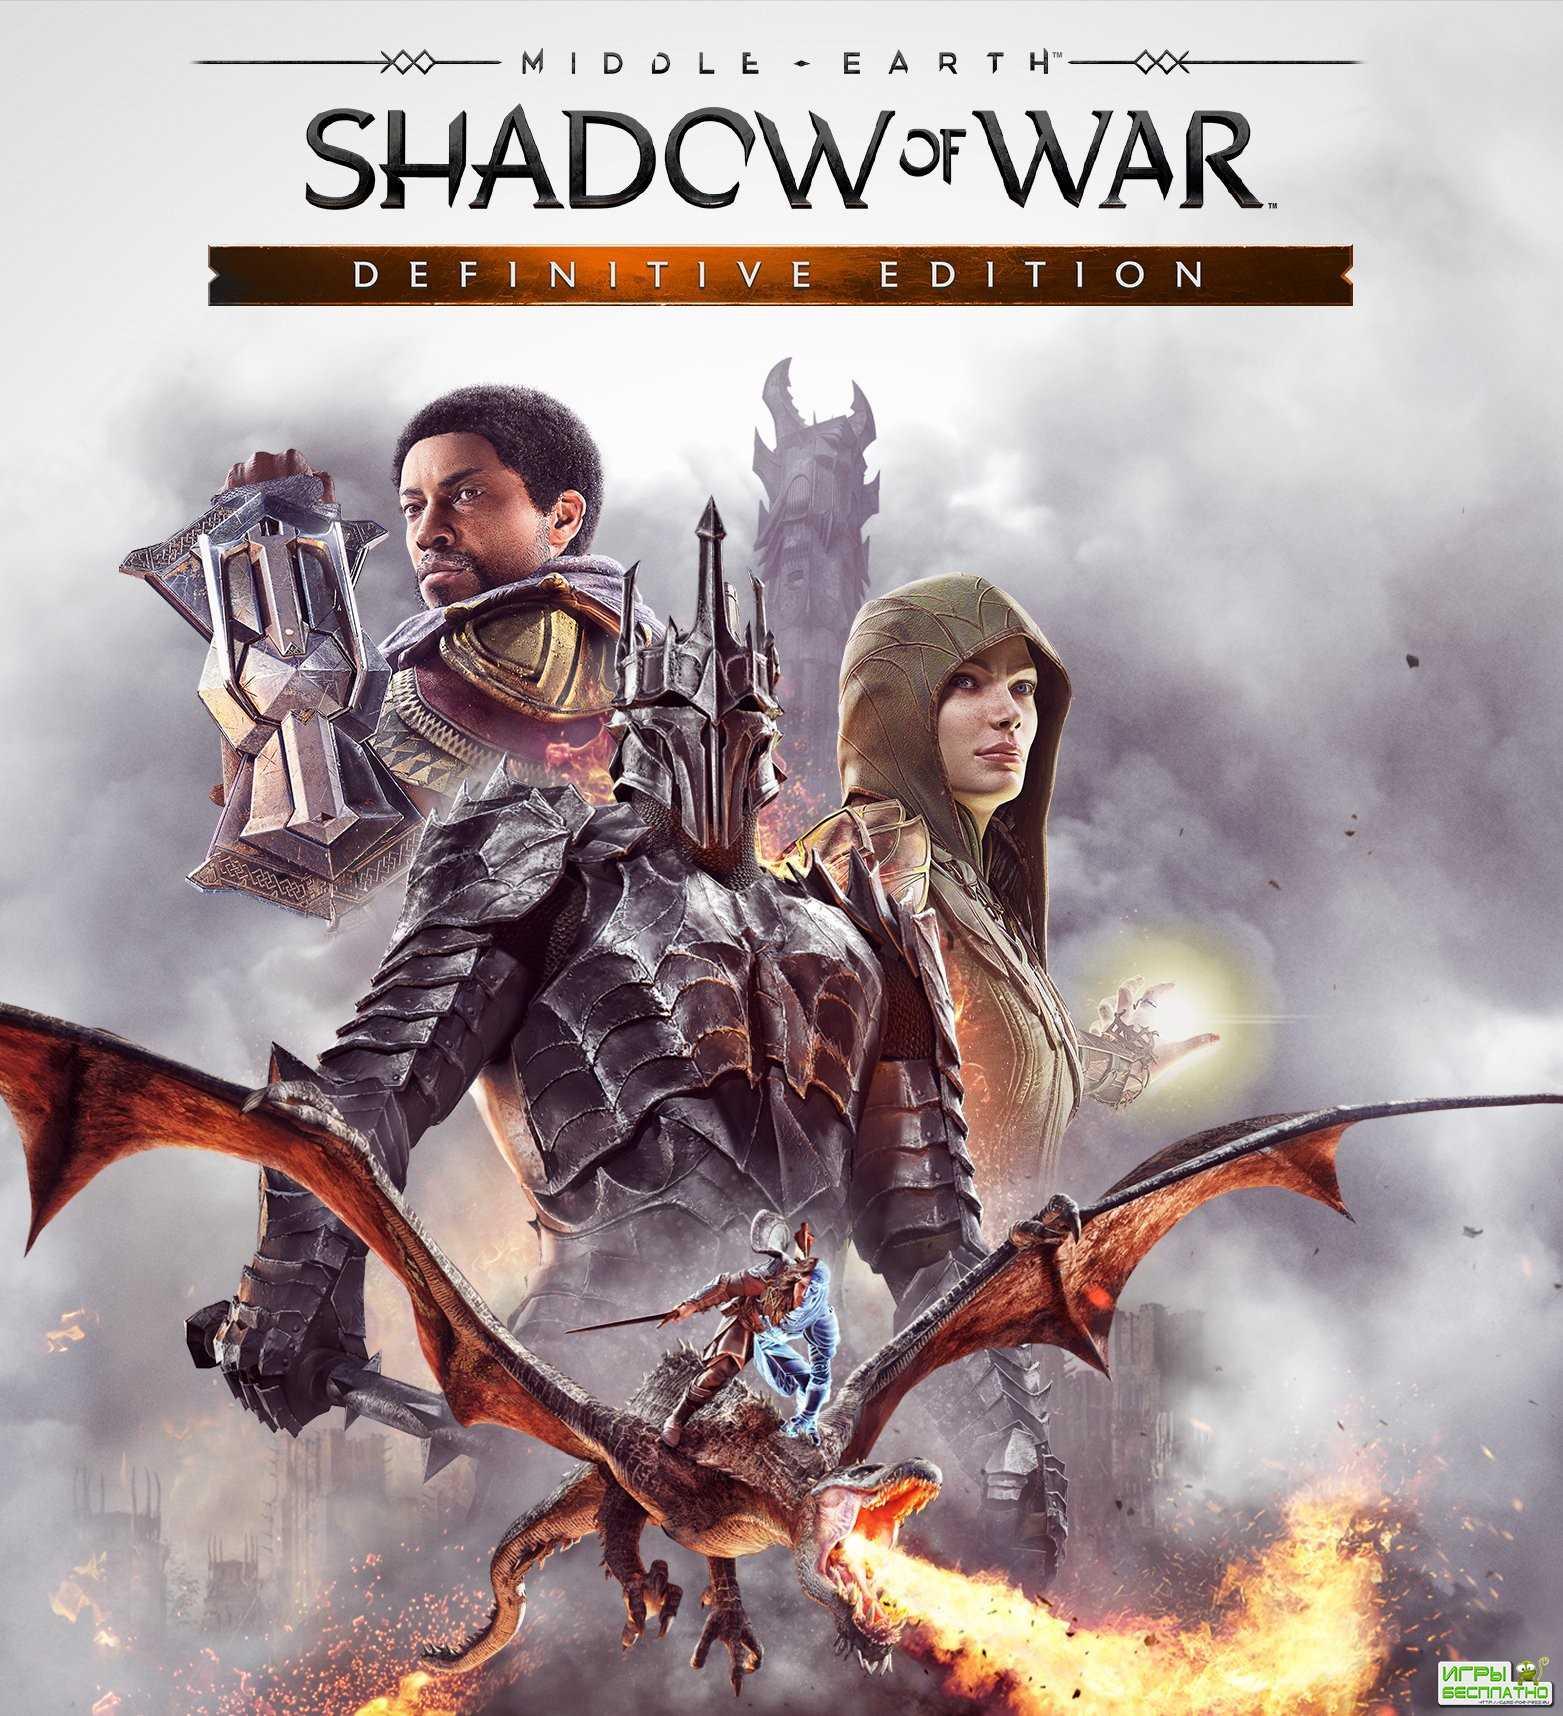 Готовится самое полное издание Middle-earth: Shadow of War